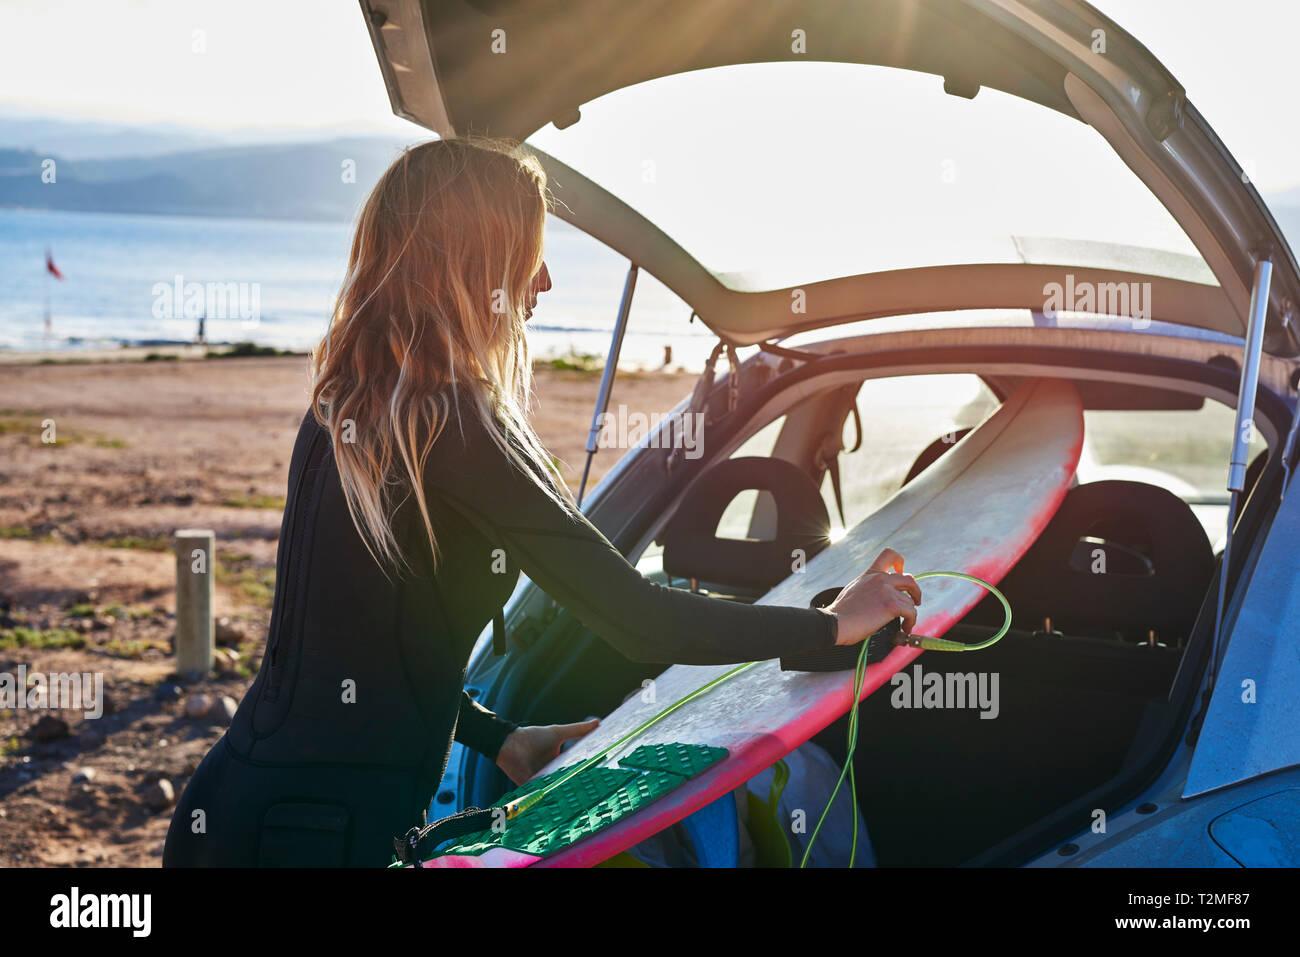 Jeune femme dépose de surf car boot Banque D'Images